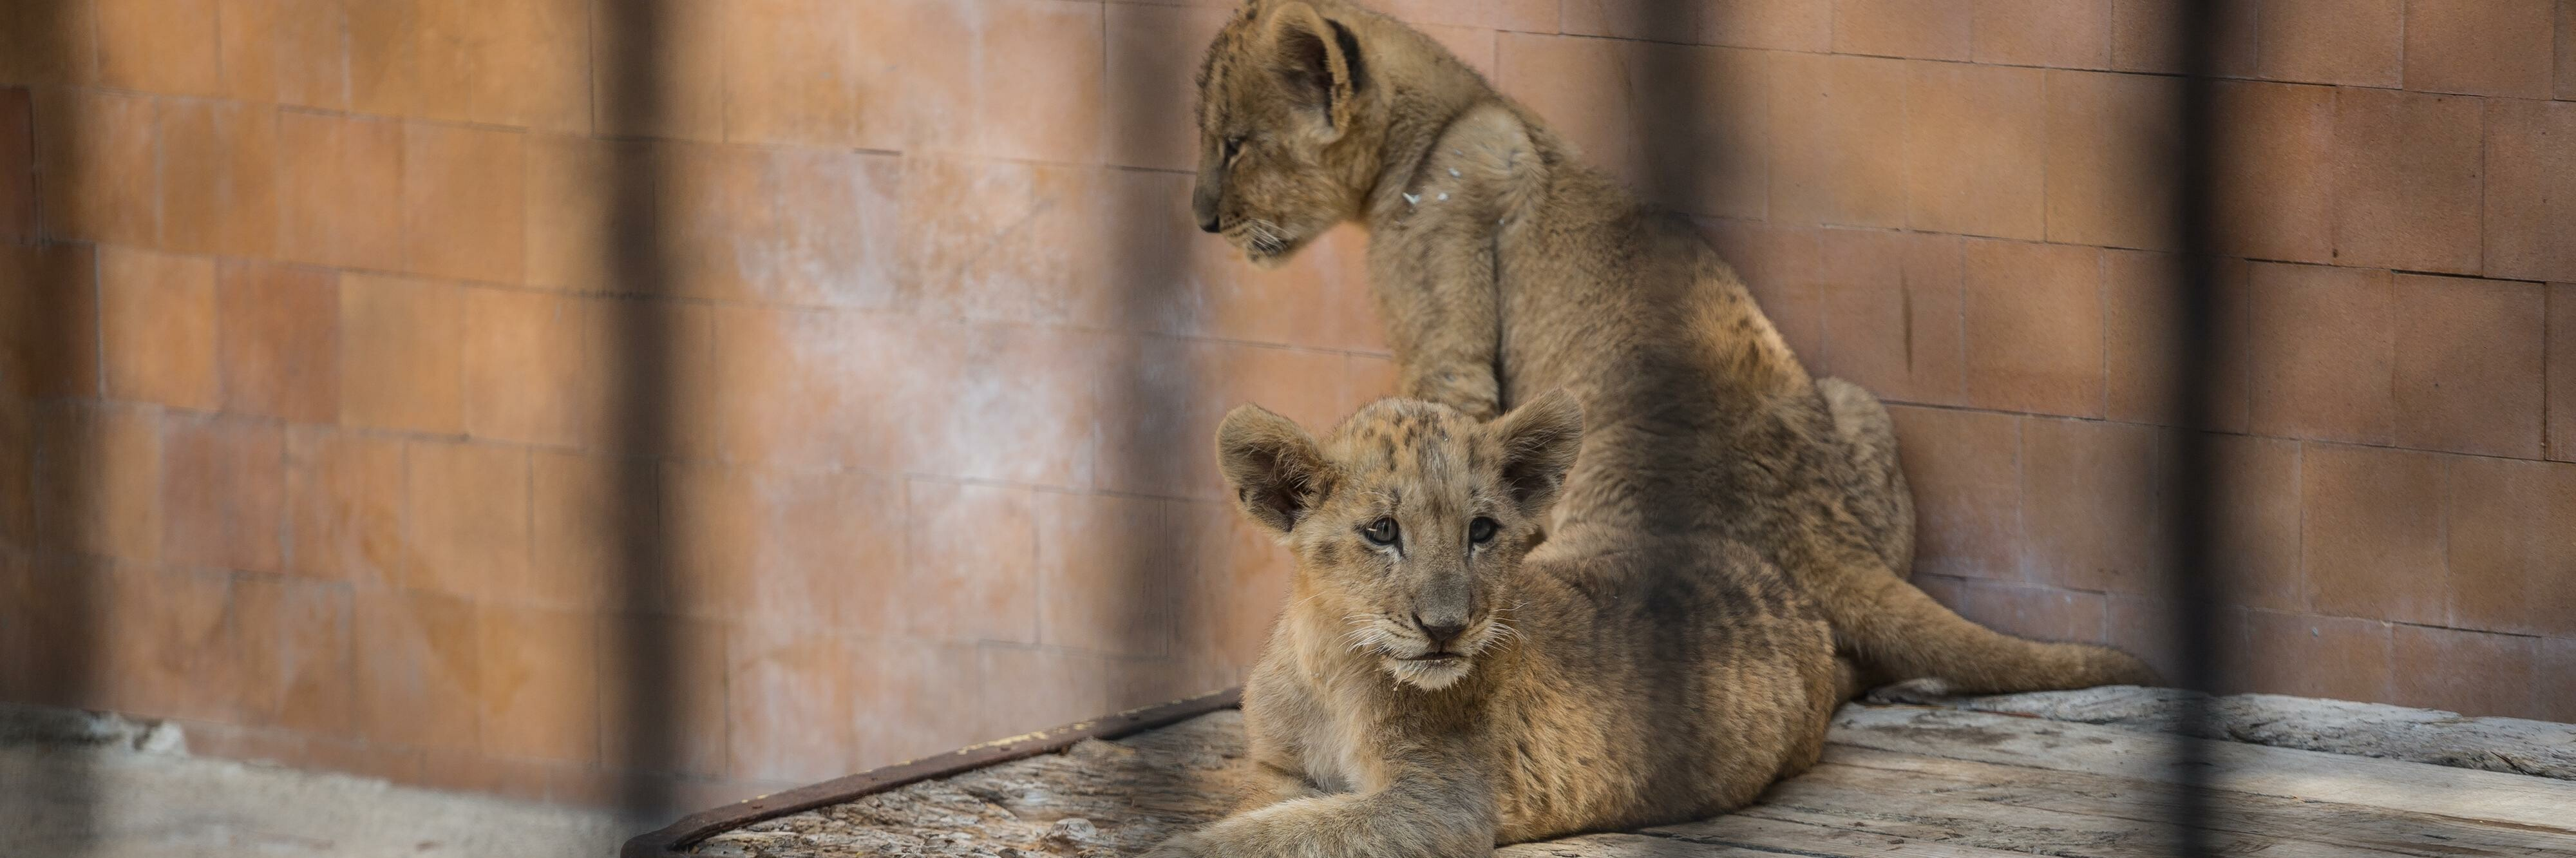 Leeuwenwelpen in Bulgarije